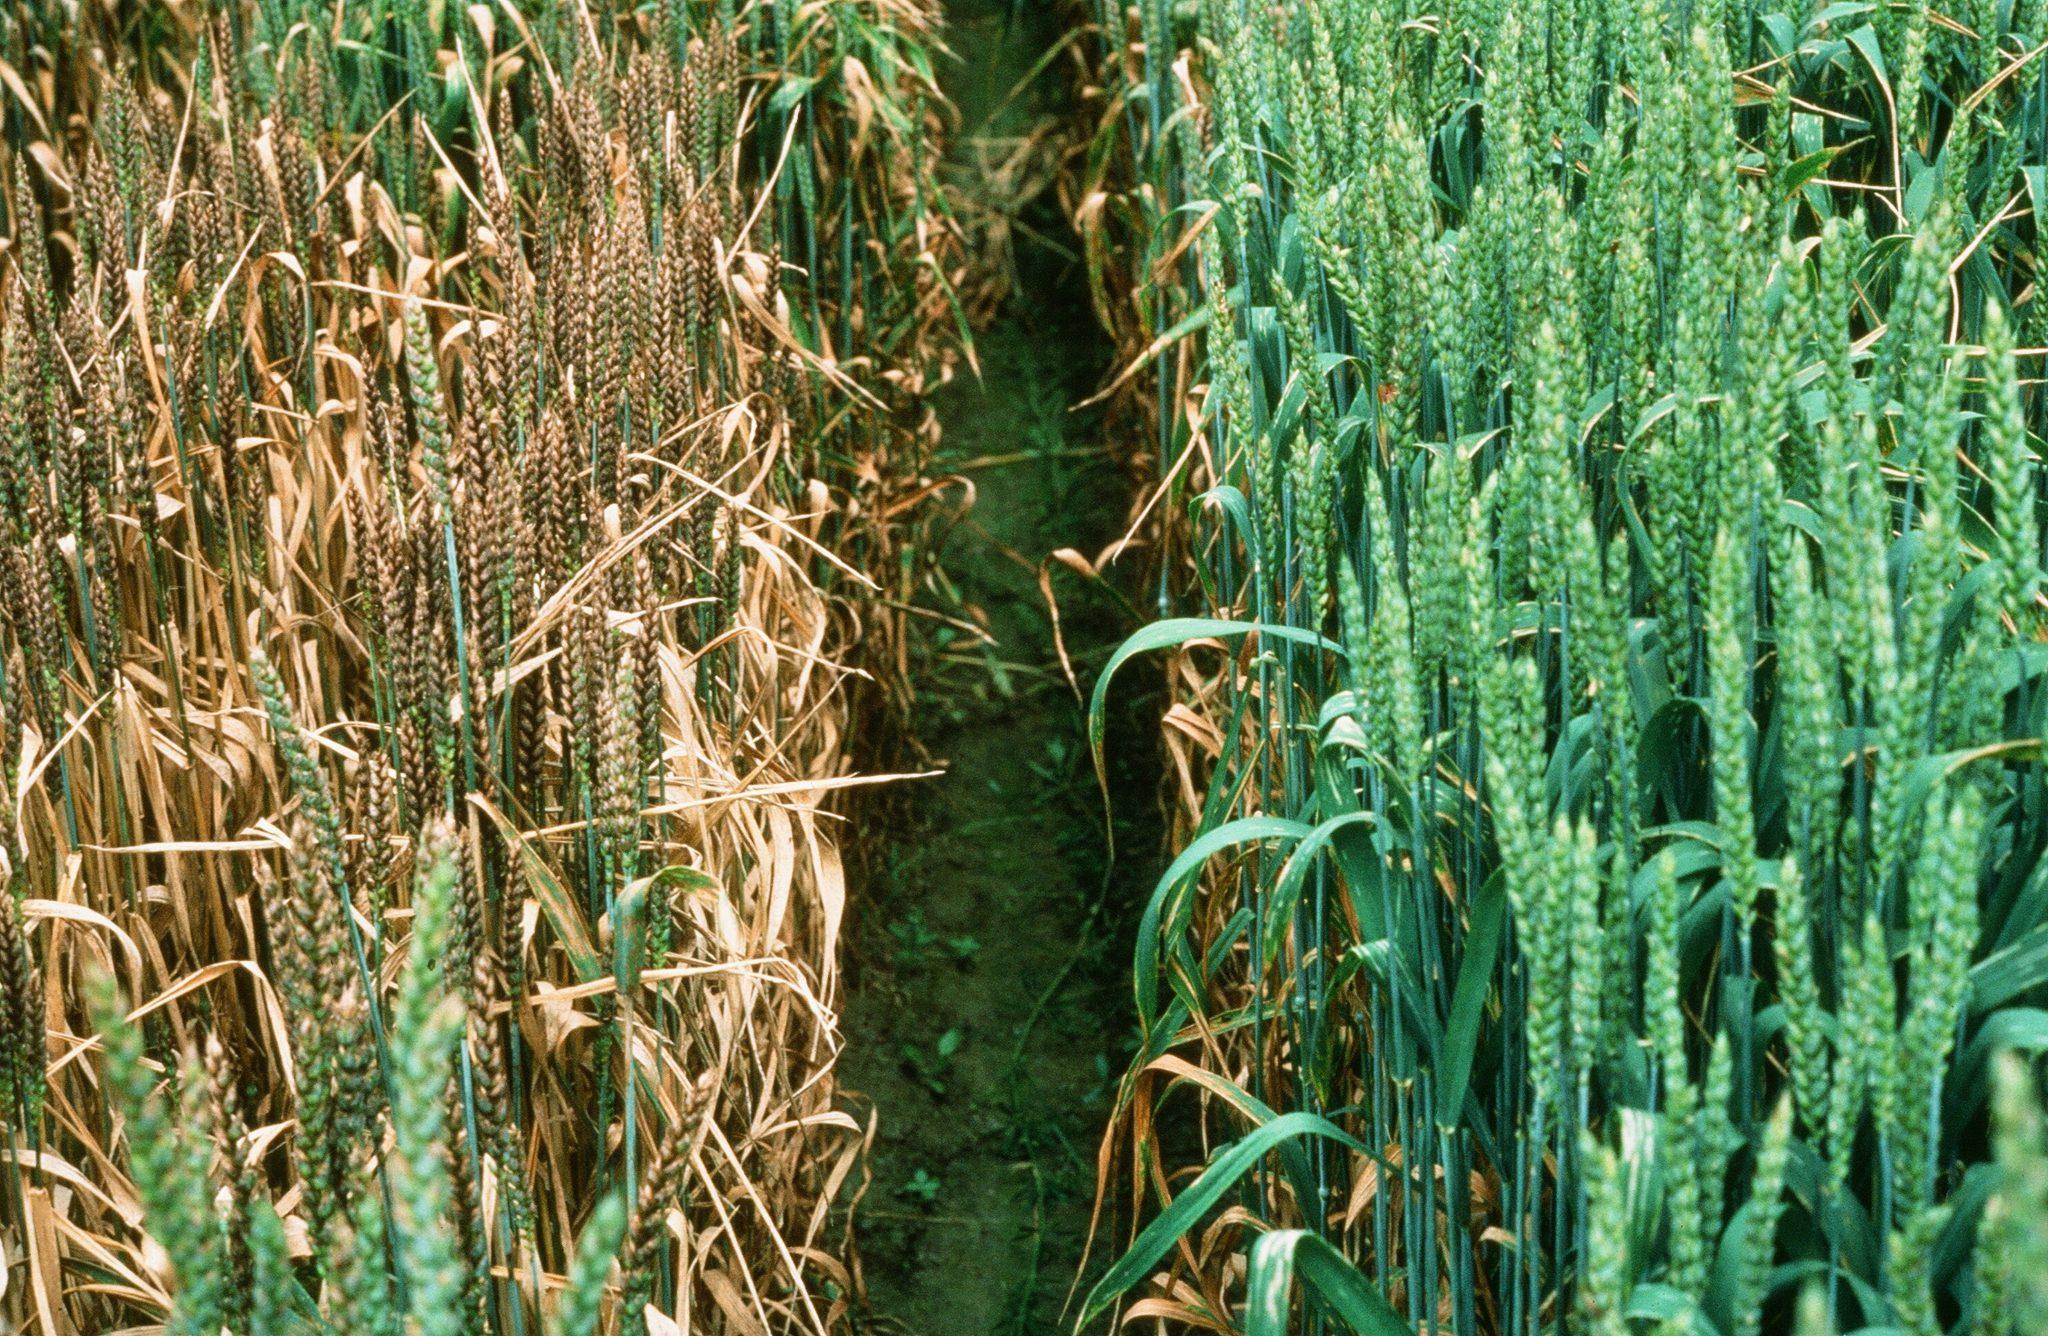 Zwei Weizensorten, die sehr unterschiedlich auf einen Pilz reagieren: Anders als die linke Sorte ist die rechte resistent gegen Septoria – eine der häufigsten Krankheiten von Schweizer Weizen.